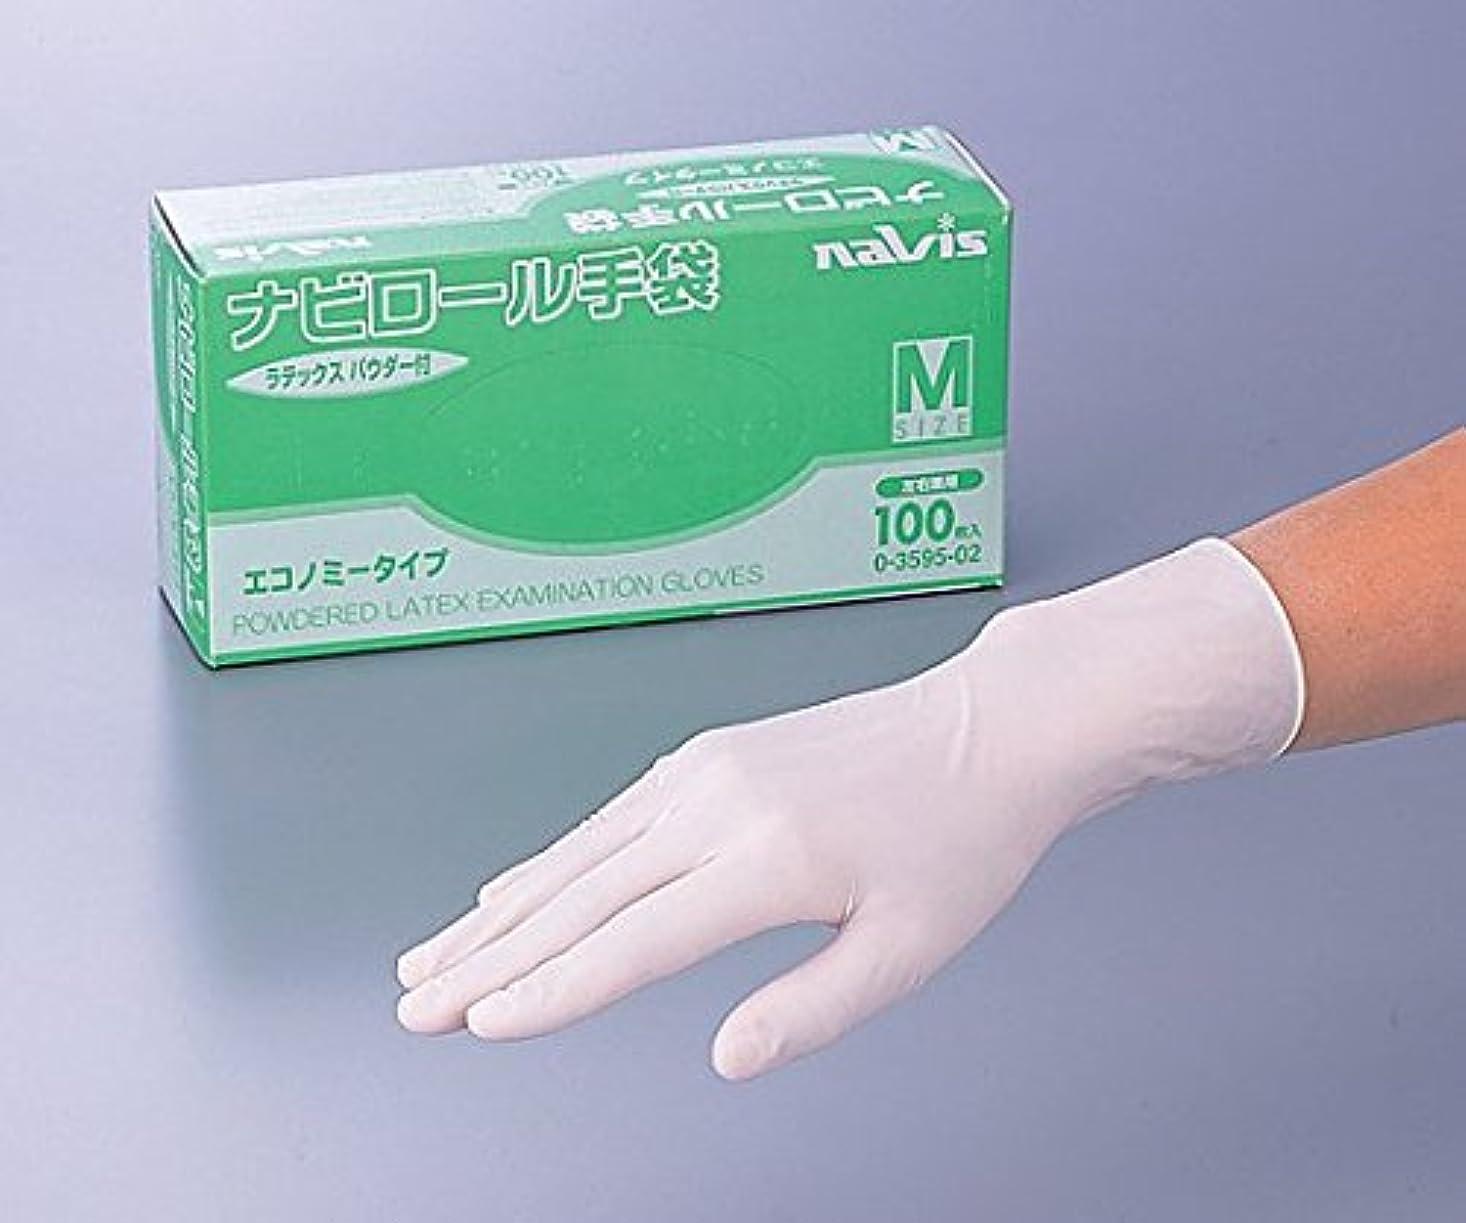 幸運なことに人間規則性アズワン0-3595-02ナビロール手袋(エコノミータイプ?パウダー付)M100枚入